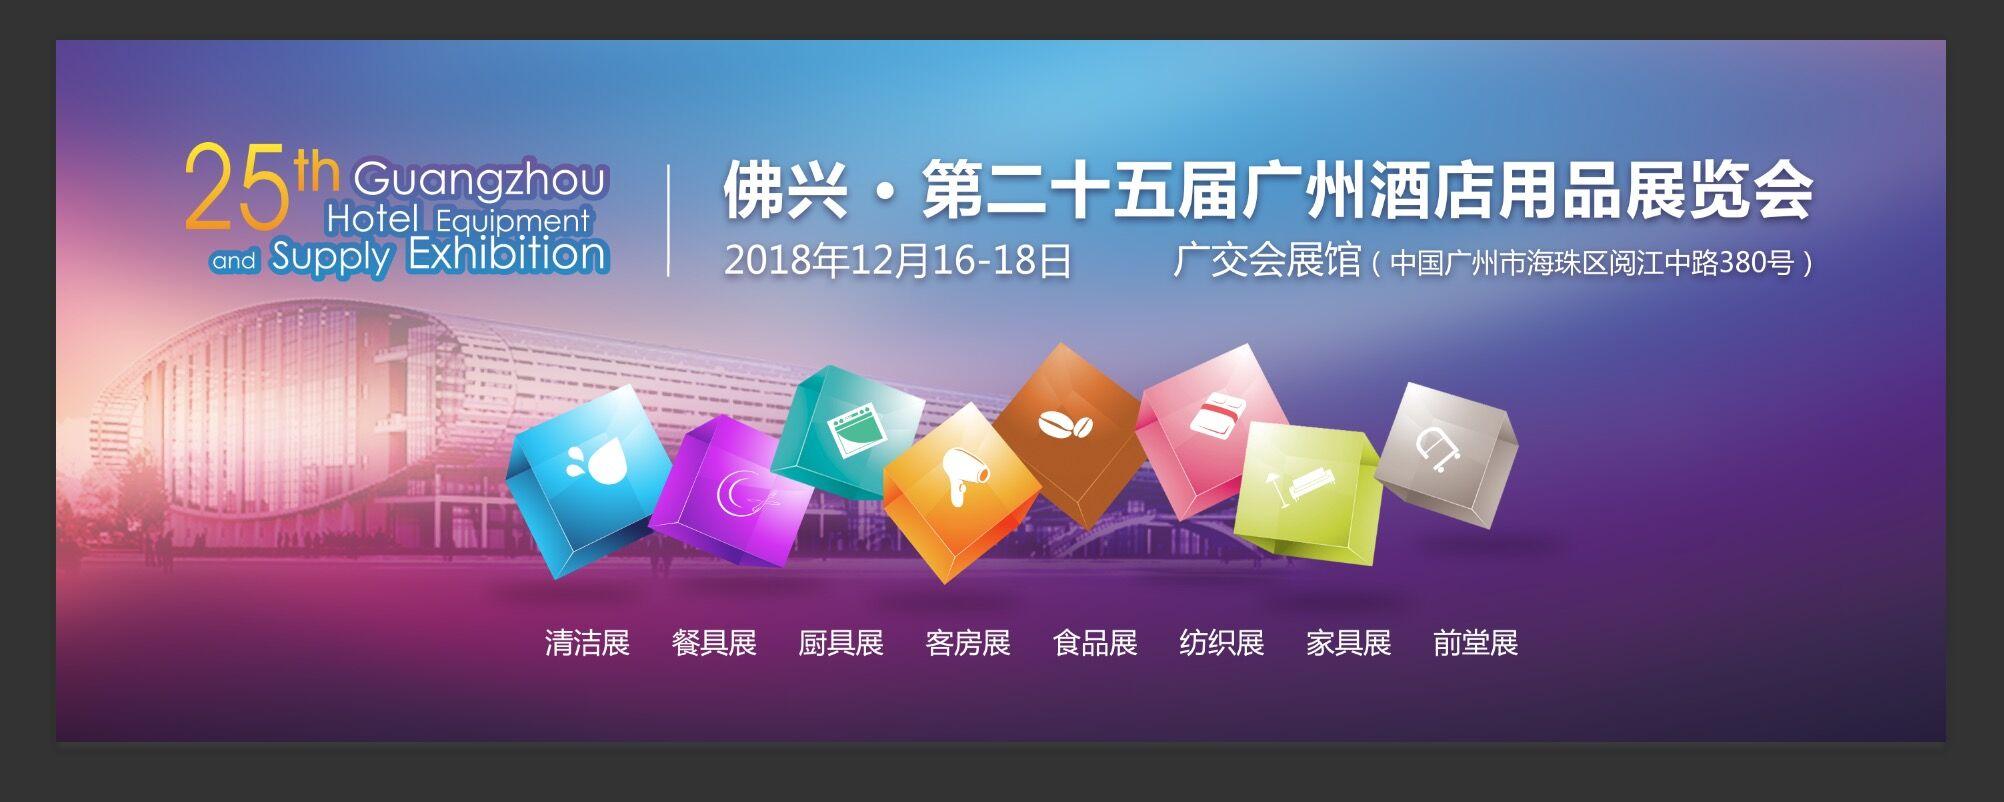 佛兴·第二十五届广州酒店用品展览会